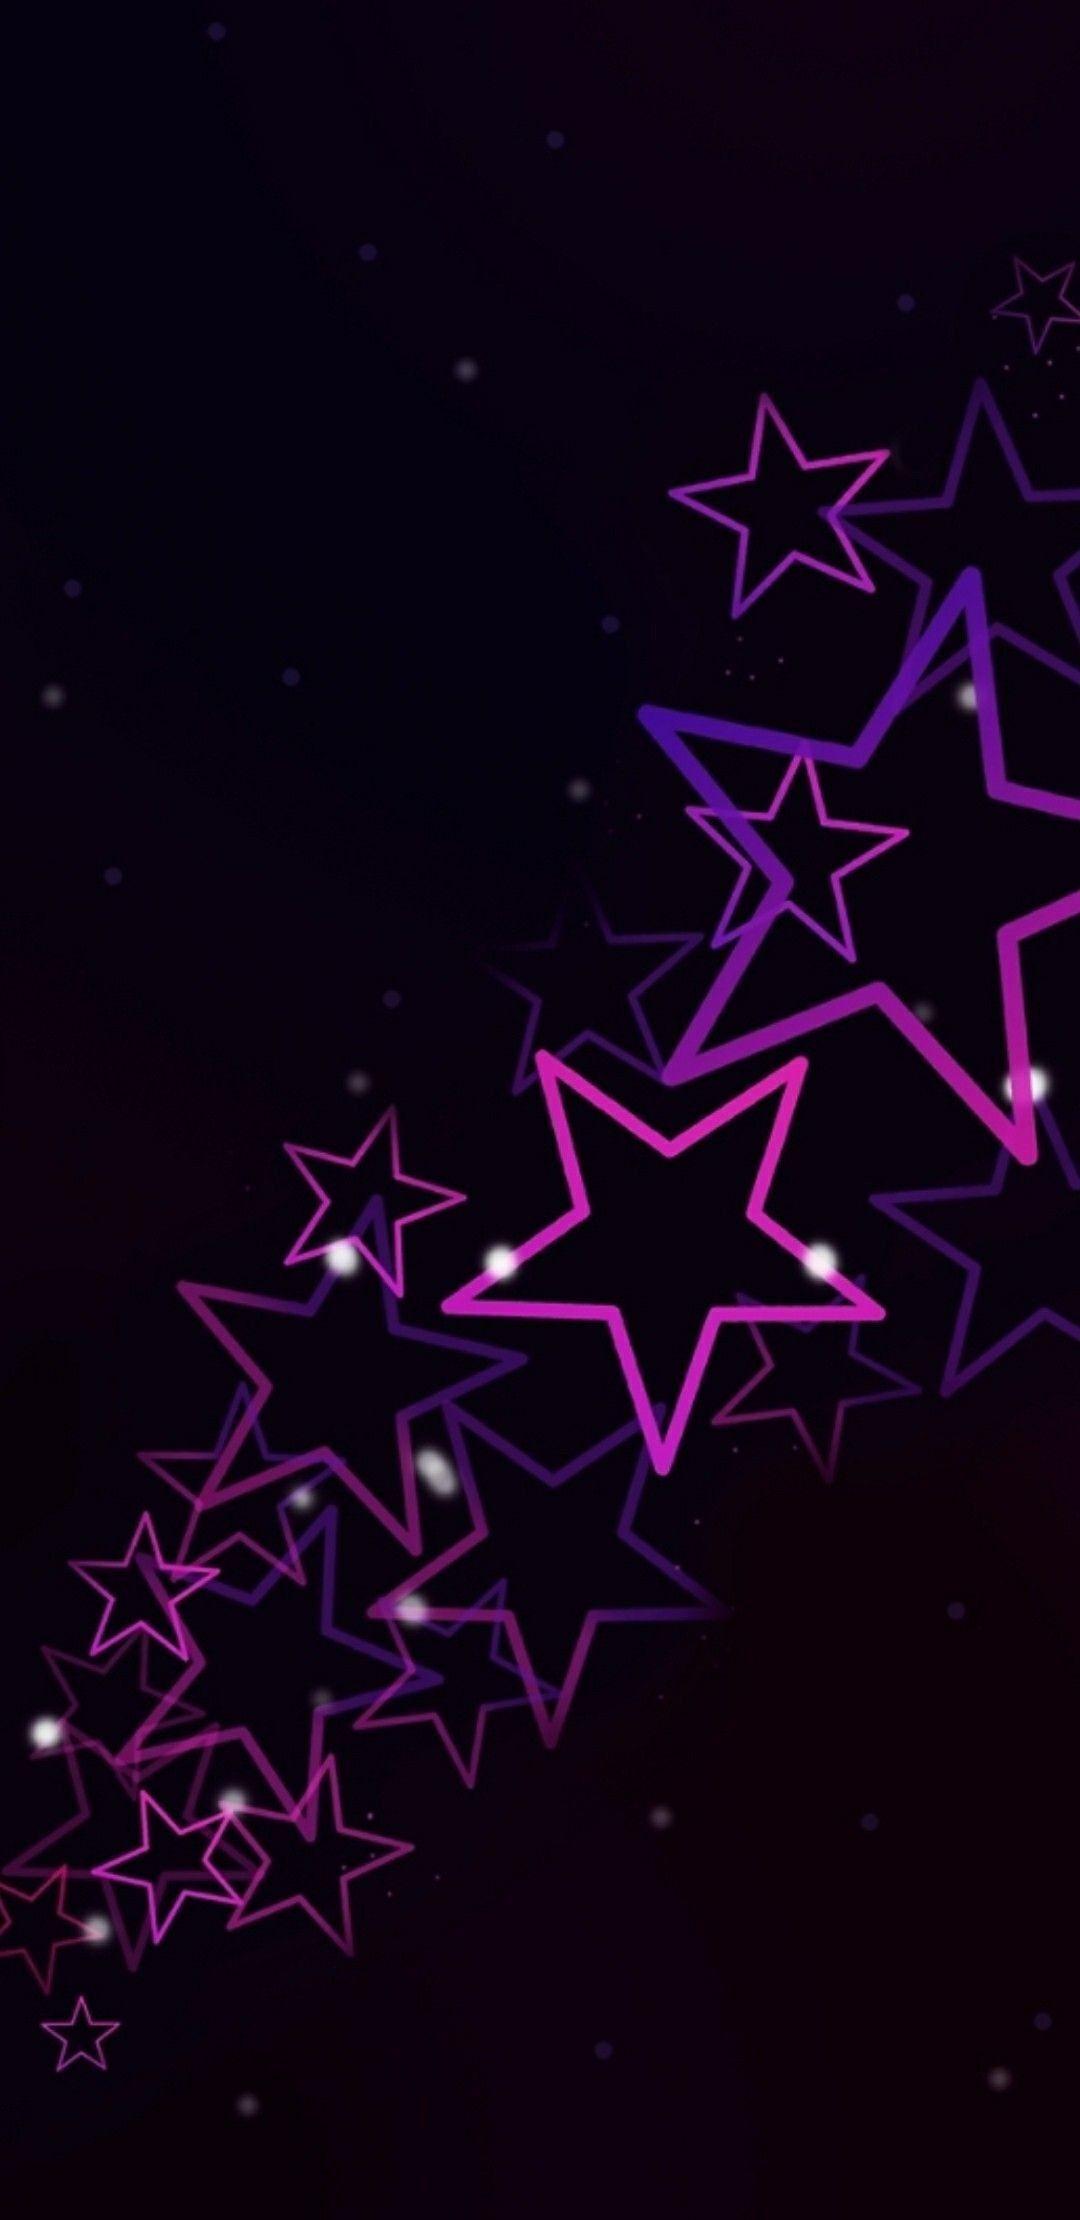 Neon Stars Background